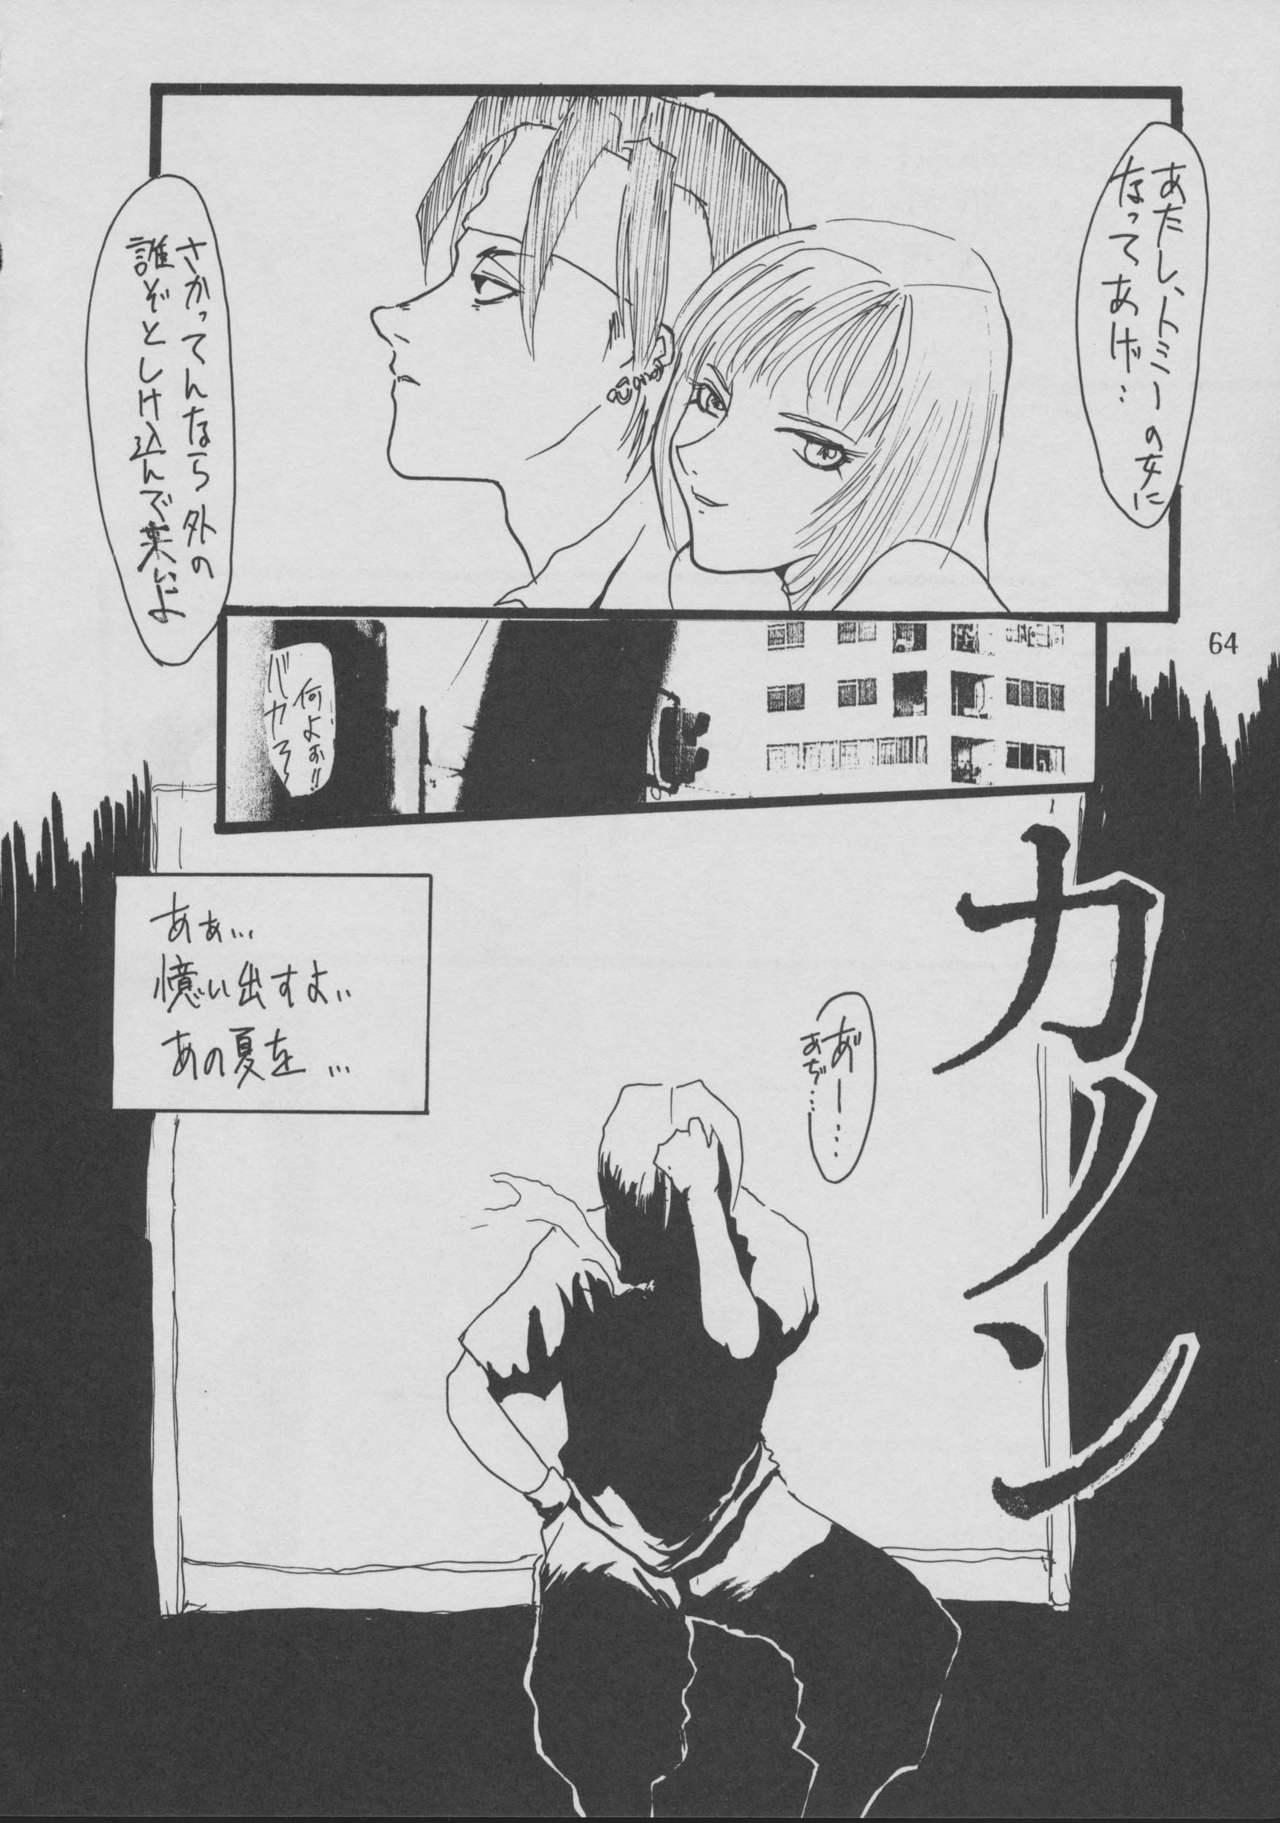 '96 Natsu no Game 18-kin Special 63